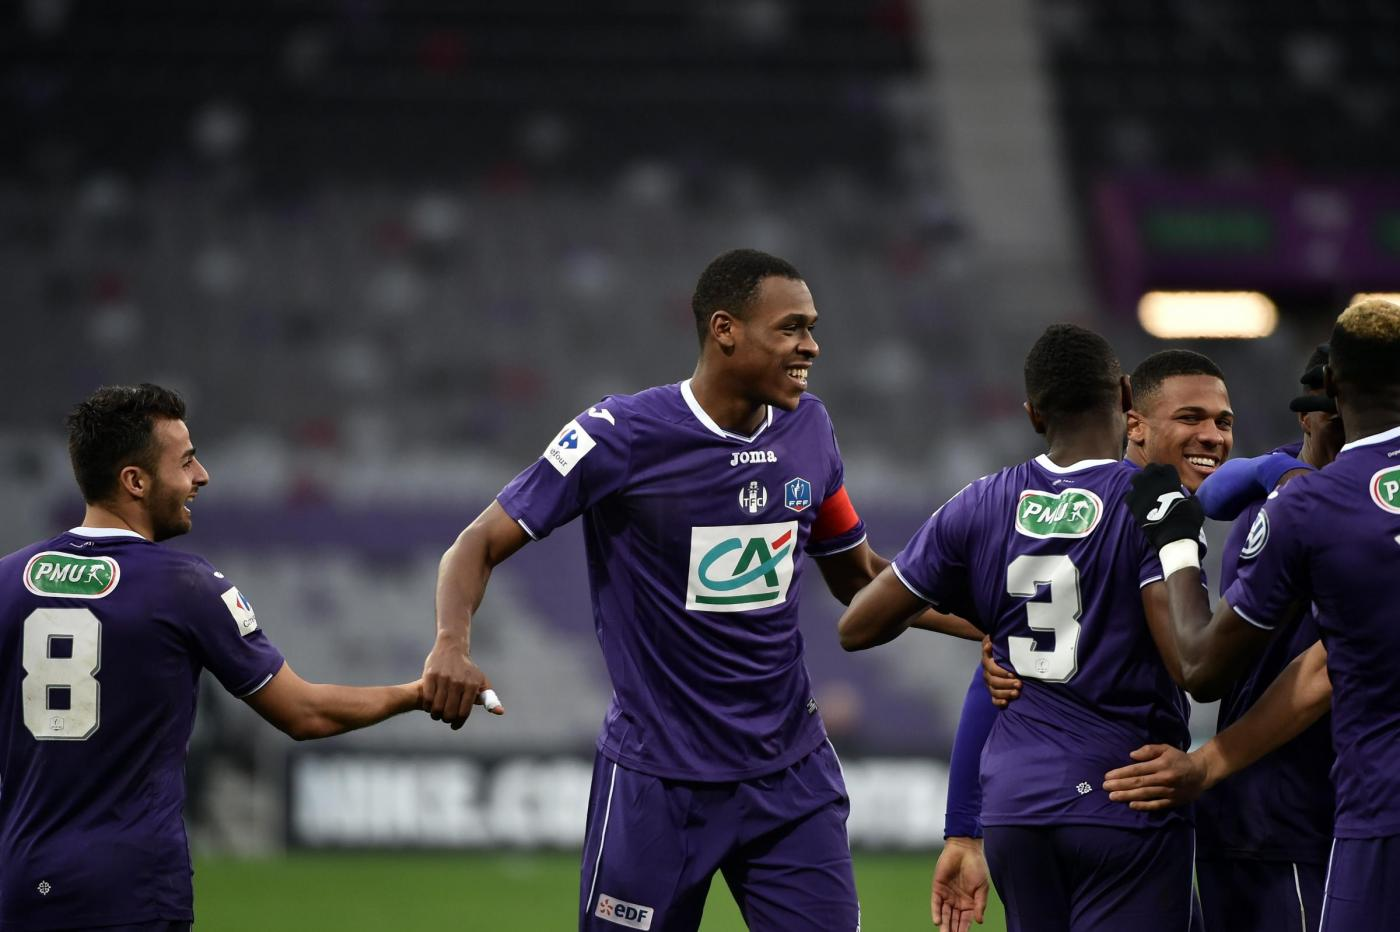 Tolosa-Angers 27 gennaio: si gioca per il 22 esimo turno del campionato francese. I padroni di casa sono in buona forma generale.